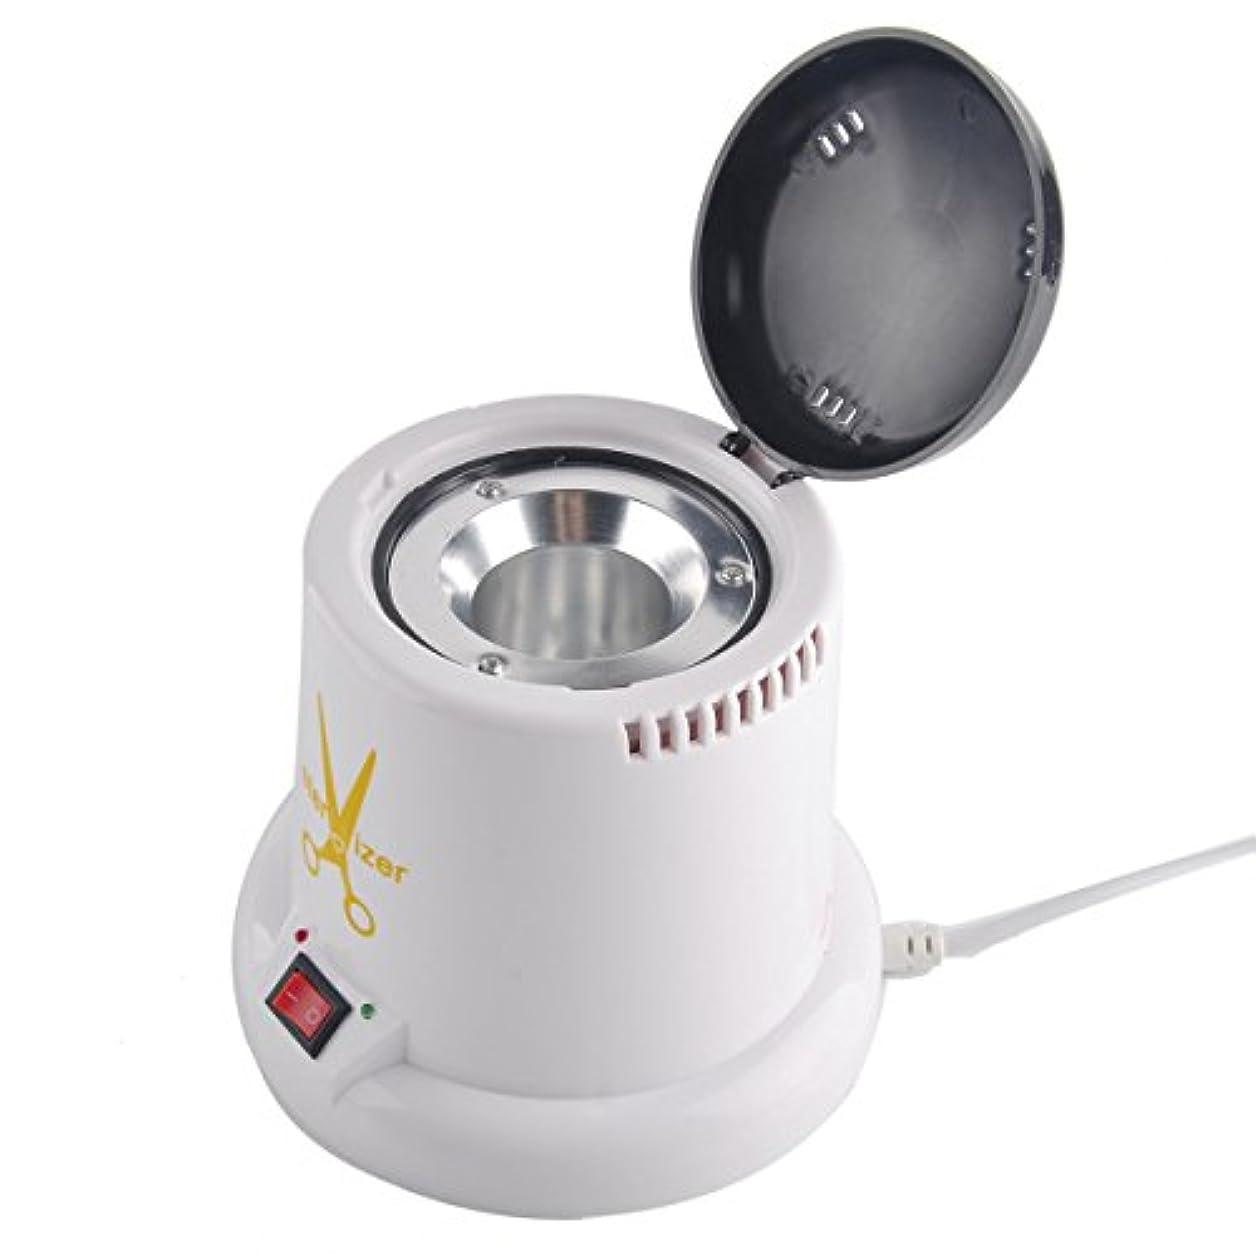 グローバルフレームワーク手FidgetGear 機械釘の滅菌装置110 / 220vを消毒する高温滅菌装置箱 110V